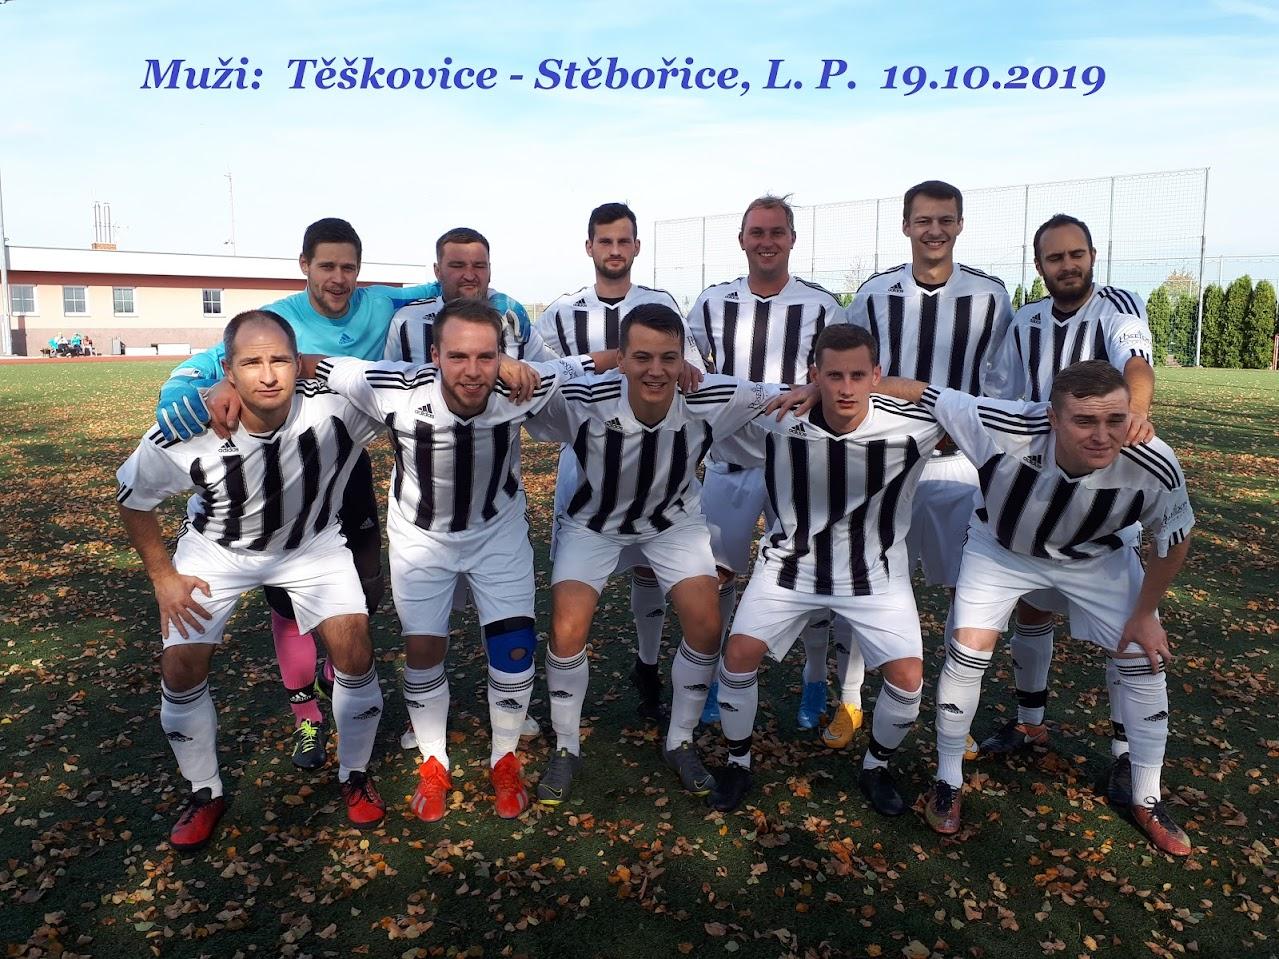 Společné foto fotbalistů můžstva Těškovic před utkáním.